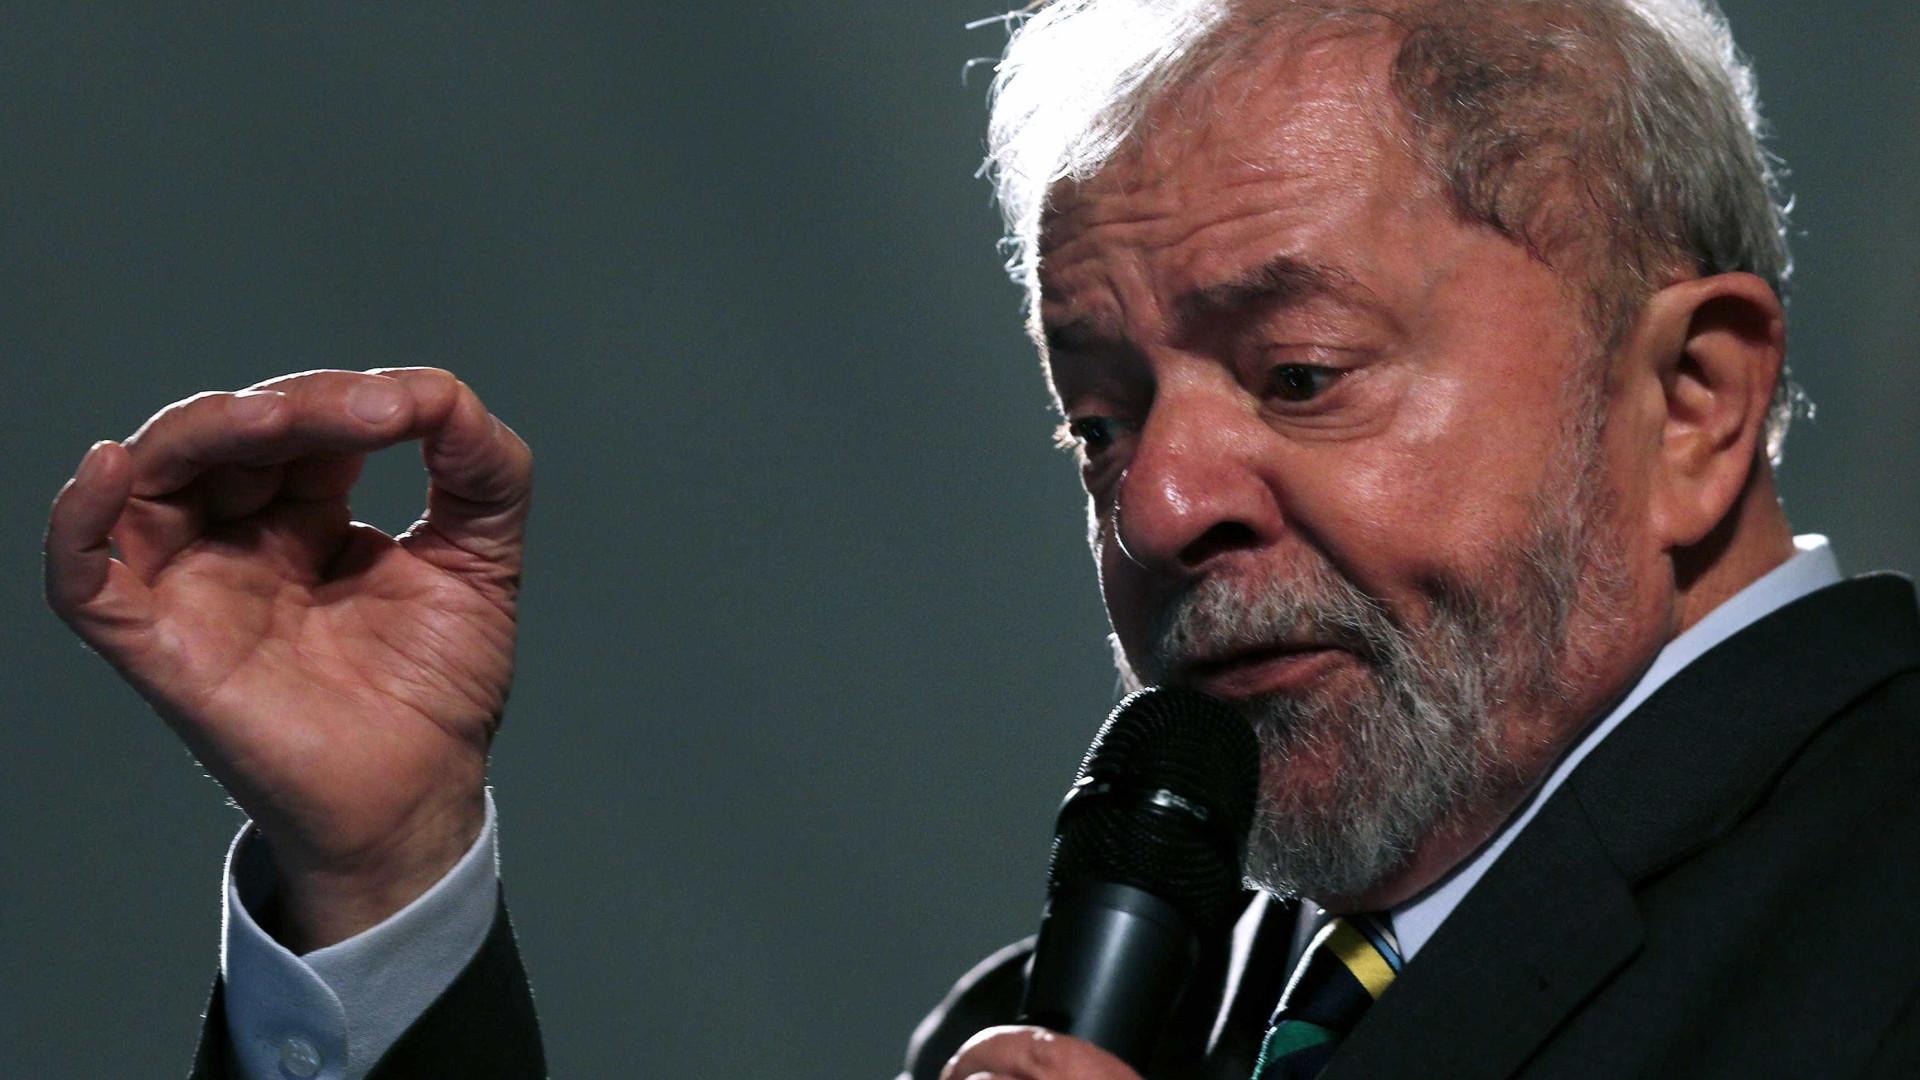 Para Lula, citar seu nome é 'senha' para fechar acordo de delação